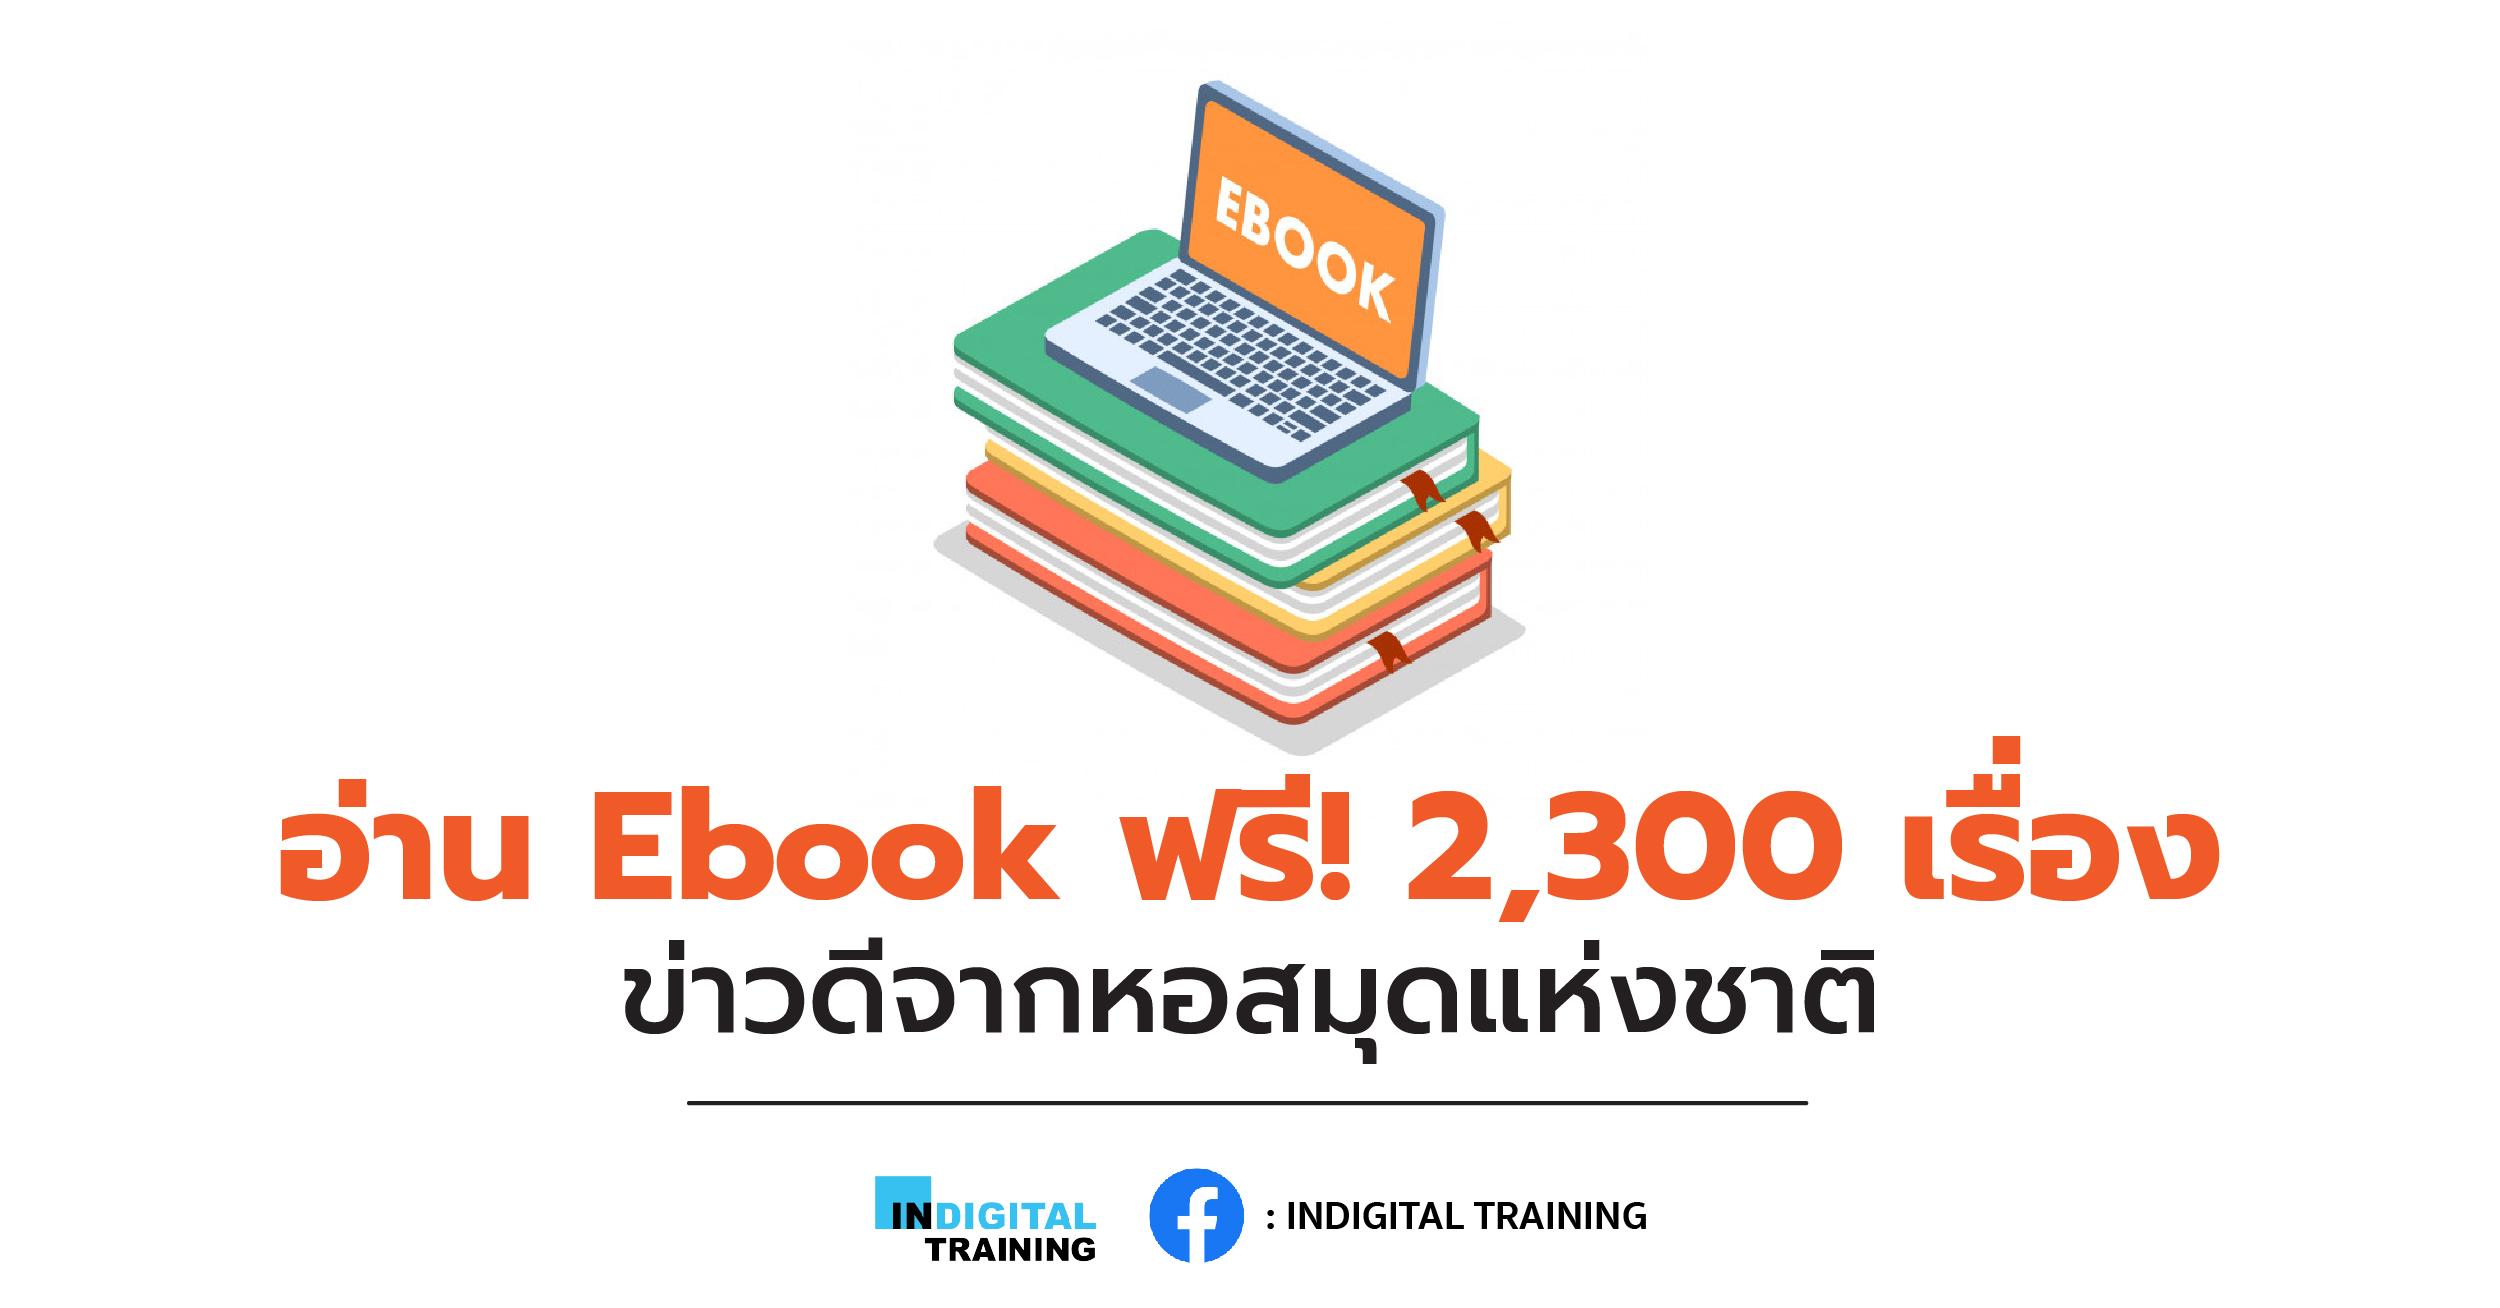 อ่าน Ebook ฟรี! 2,300 เรื่อง ข่าวดีจากหอสมุดแห่งชาติ